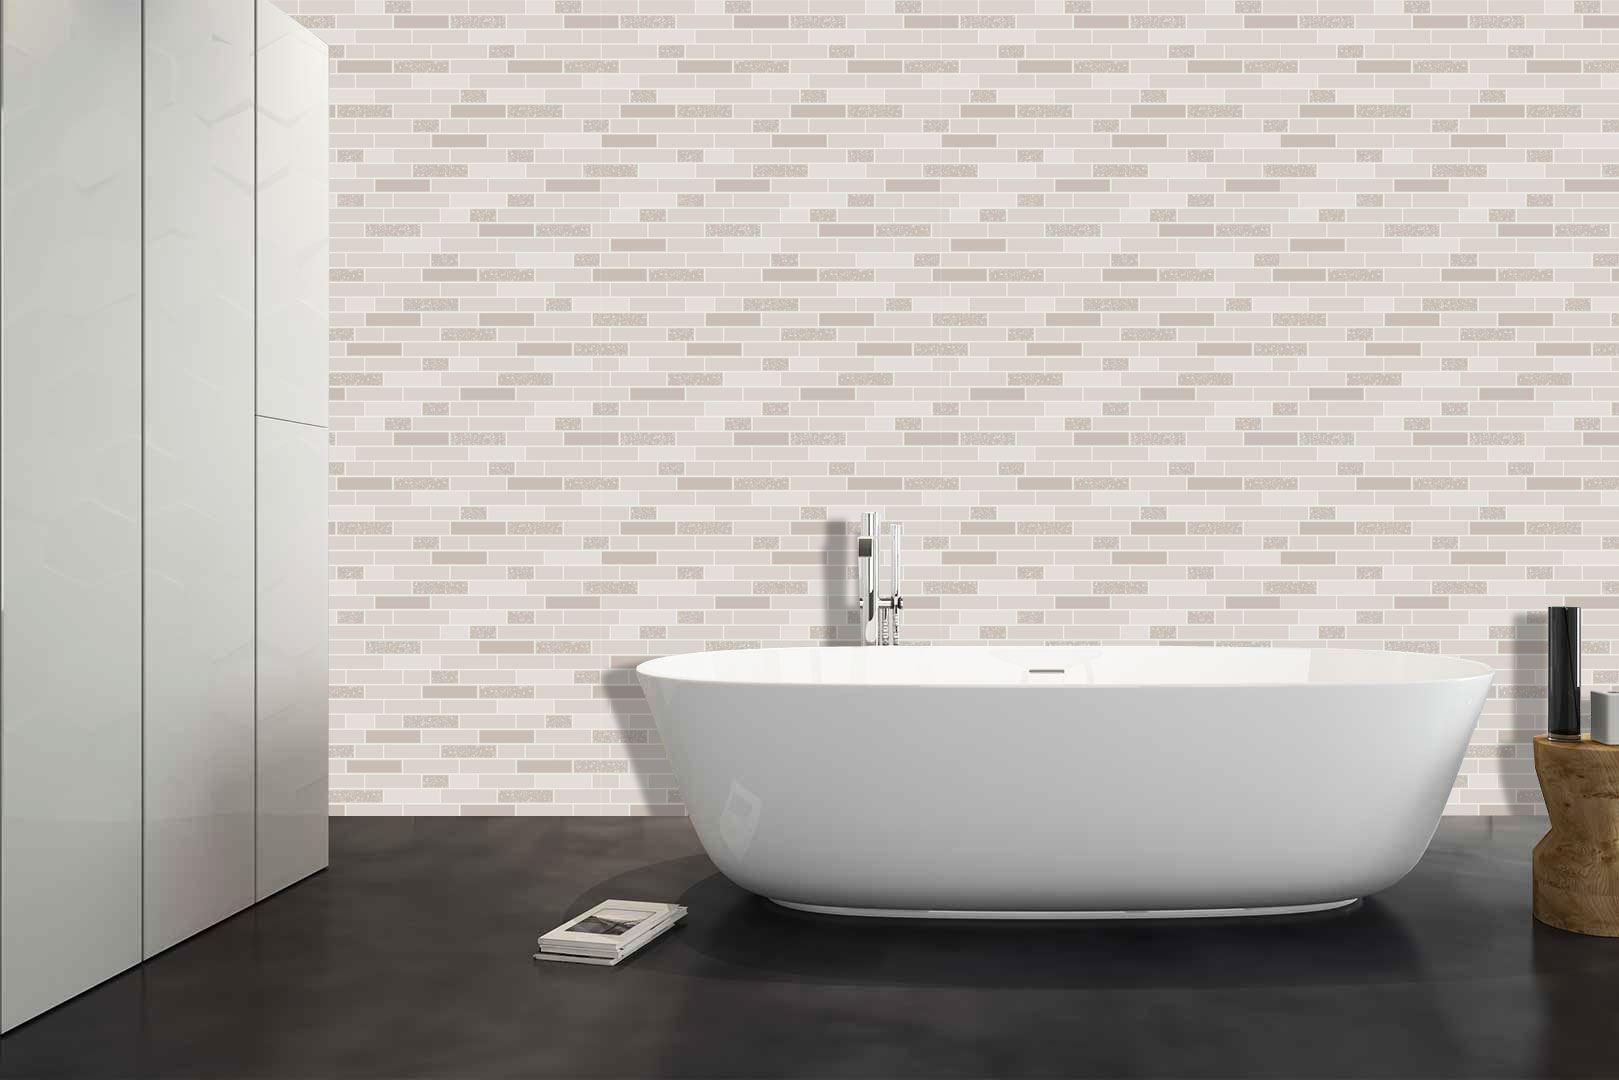 Oblong-Stone-Tile-Kitchen-Bathroom-Wallpaper-Vinyl-Silver-Glitter-Holden-Decor thumbnail 4